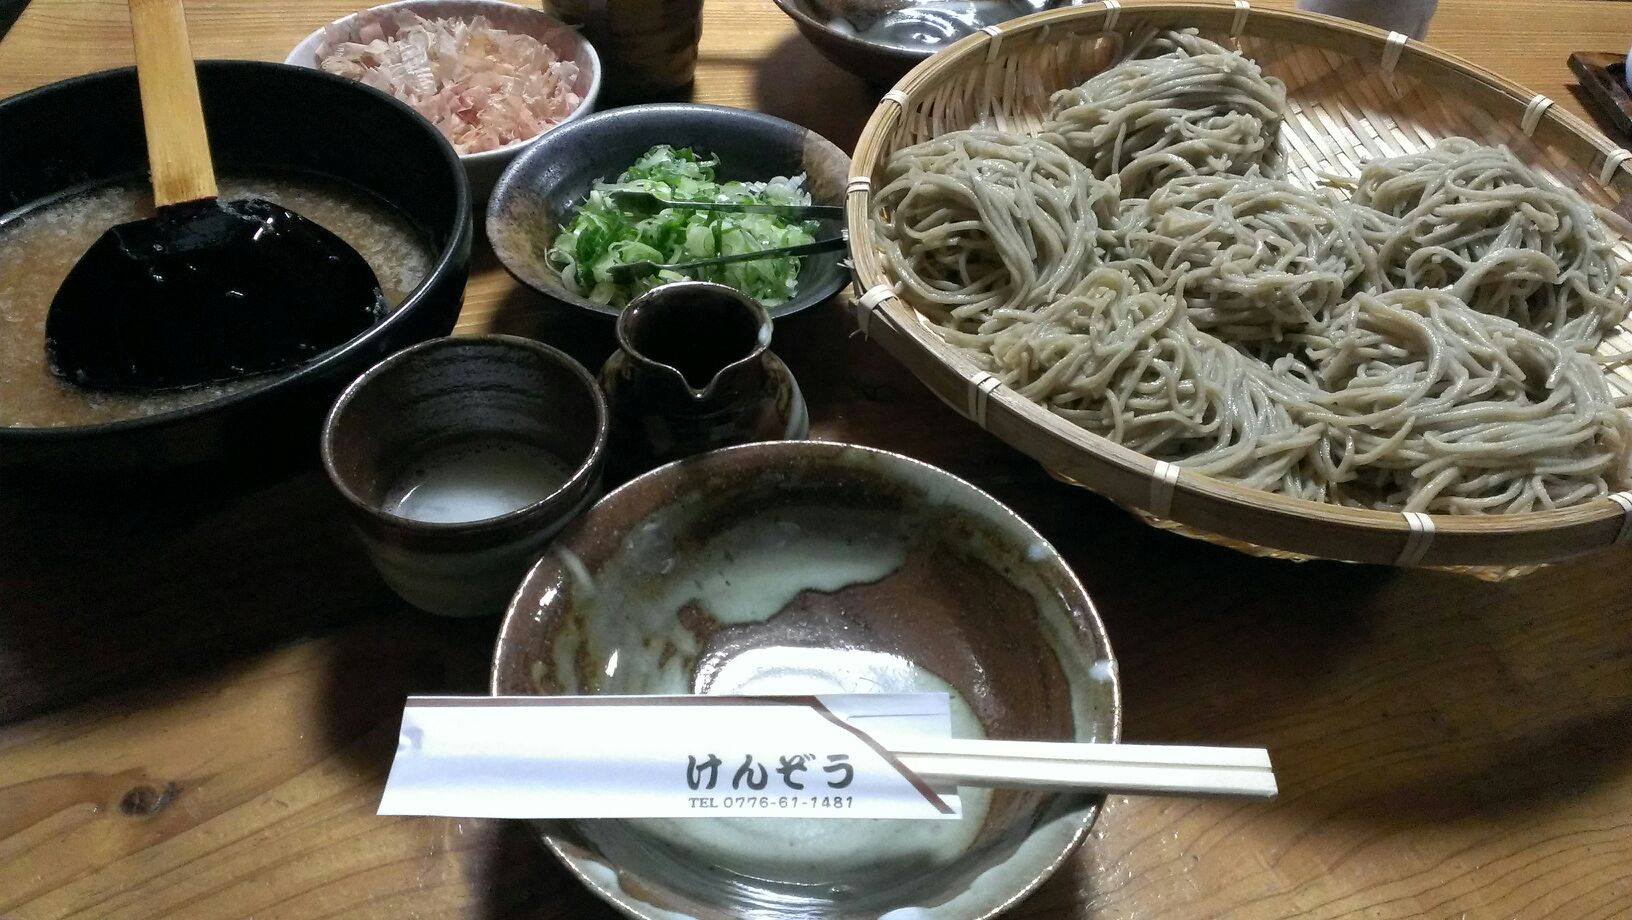 福井に行ってきました!まだ感激の余韻に包まれてます。